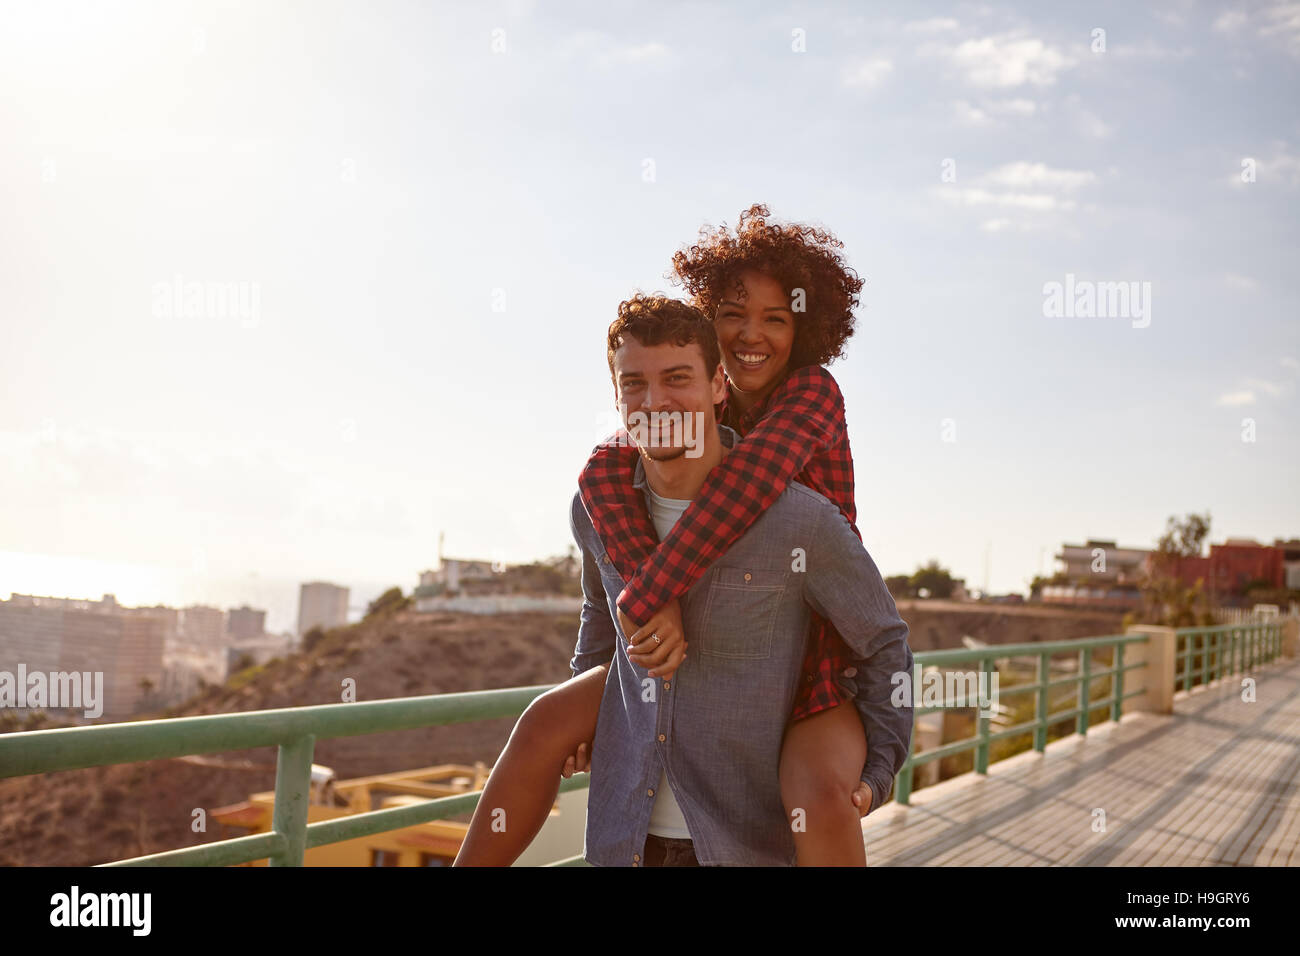 Glücklich Jüngling seine Freundin eine Huckepack geben, wie sie toothy Lächeln mit ihre Arme um seinen Hals lächelt Stockfoto